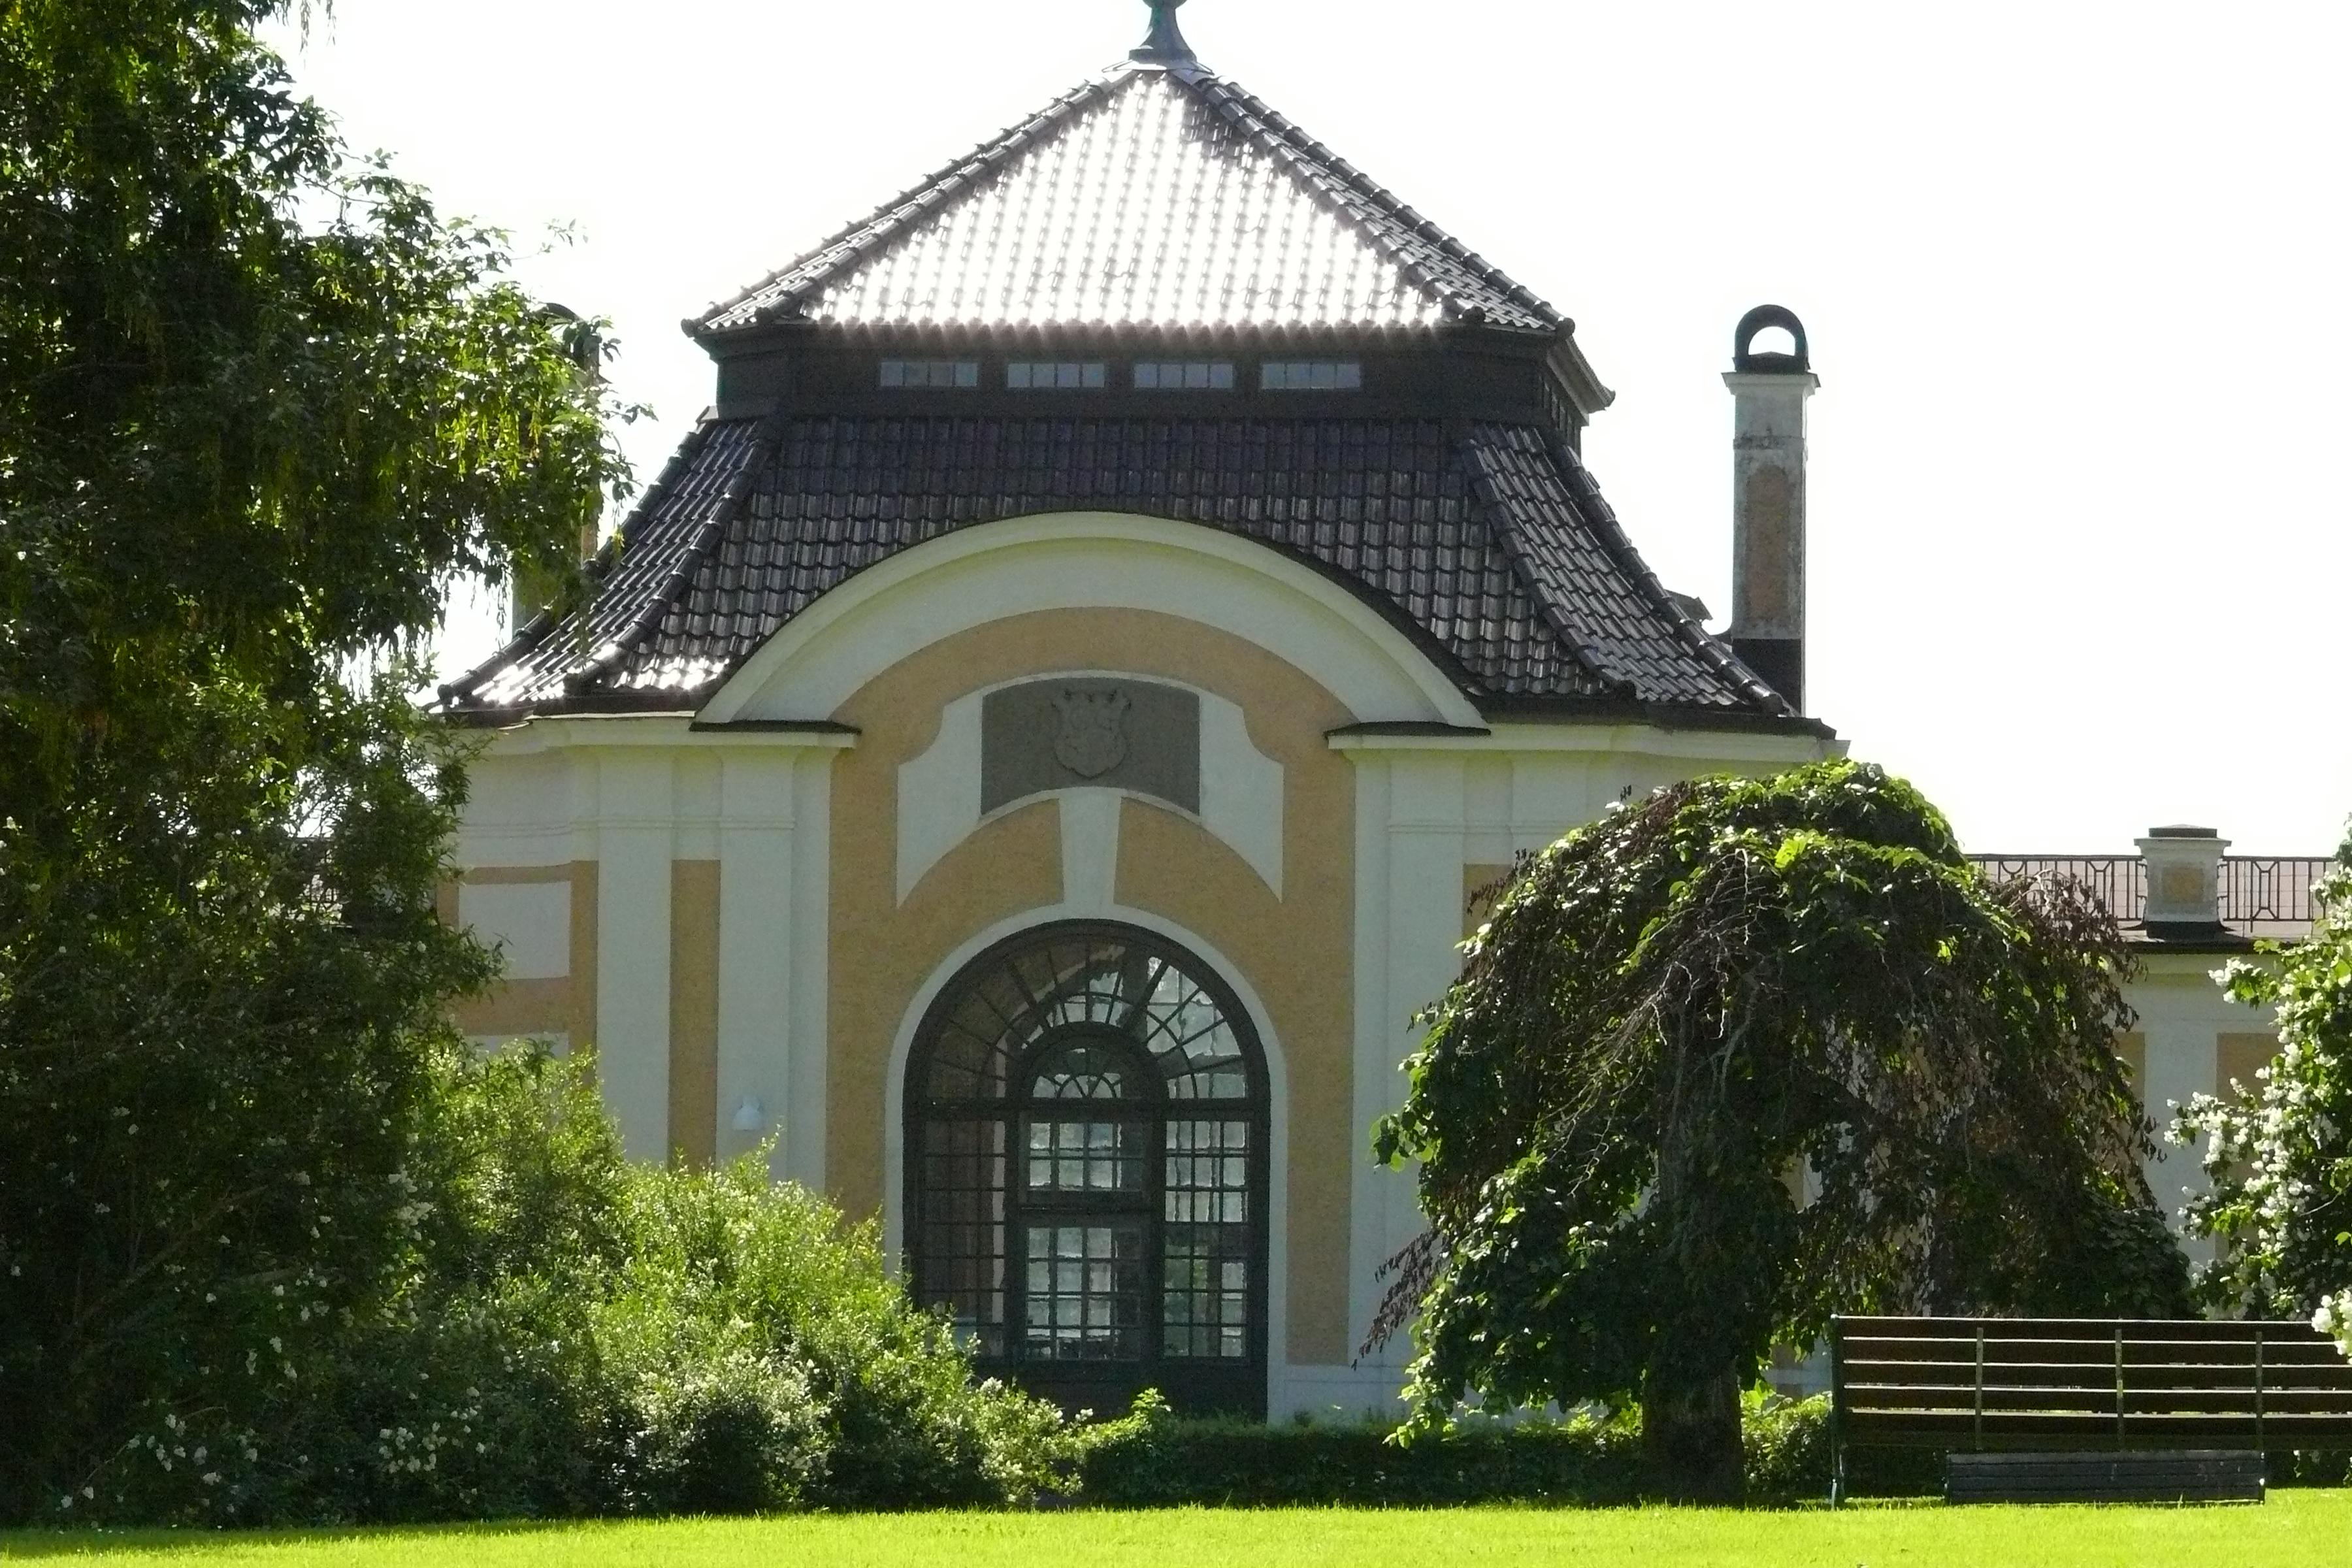 Orangerie in Nynass slott